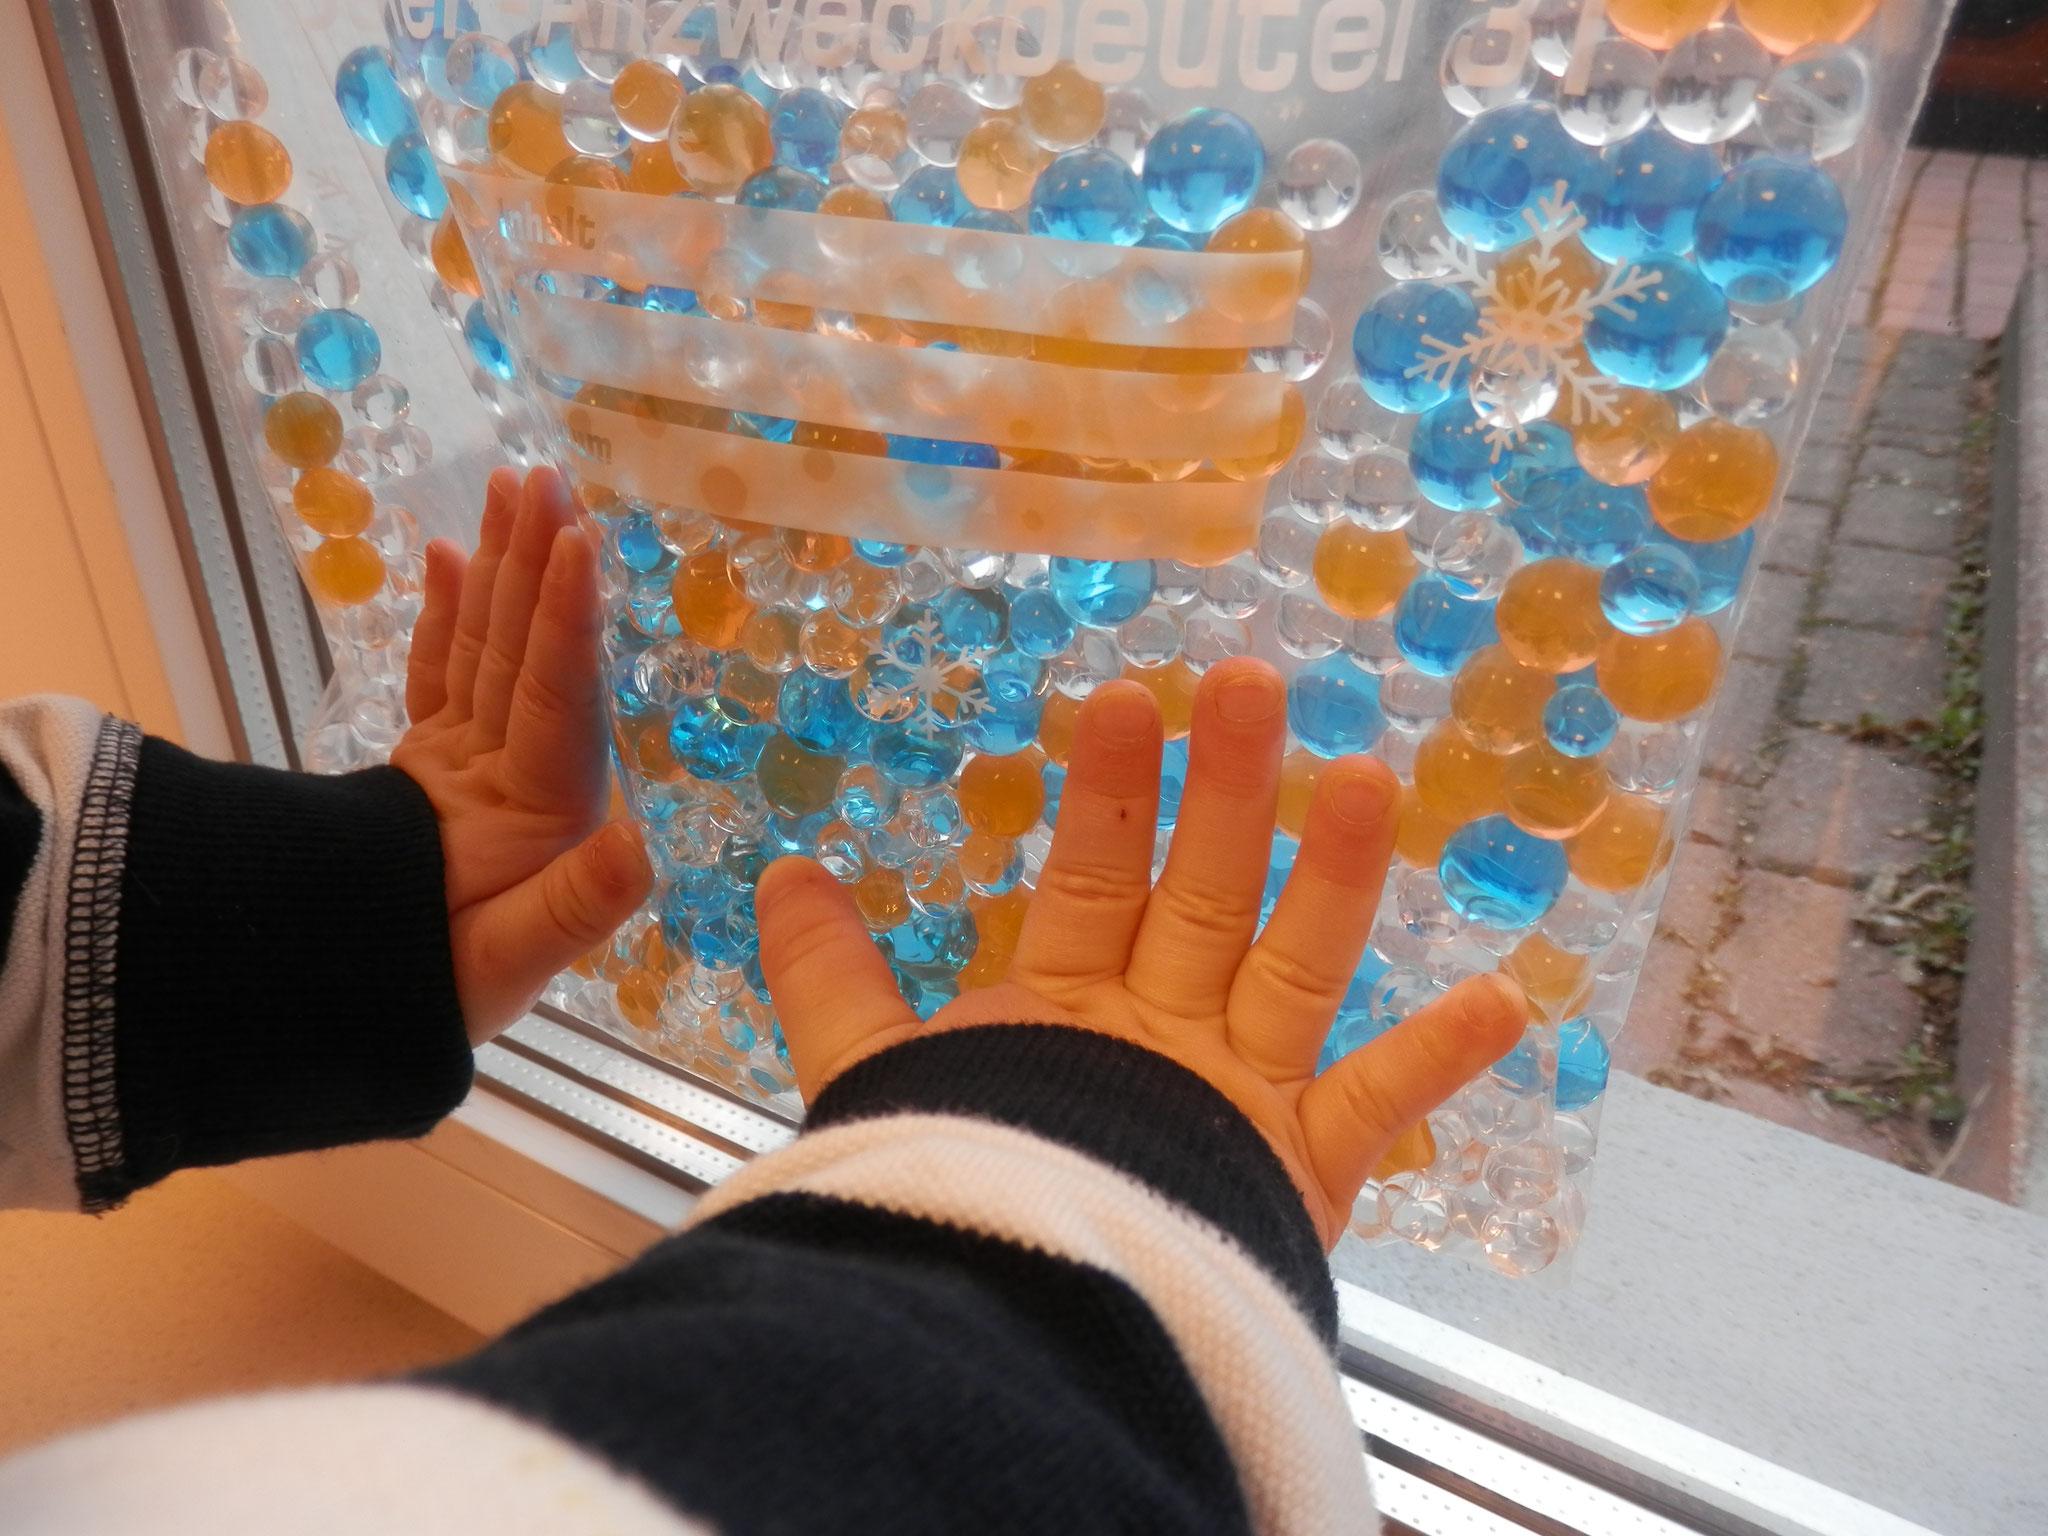 Ideenbörse - Wasserperlen am Fenster/Lichttisch